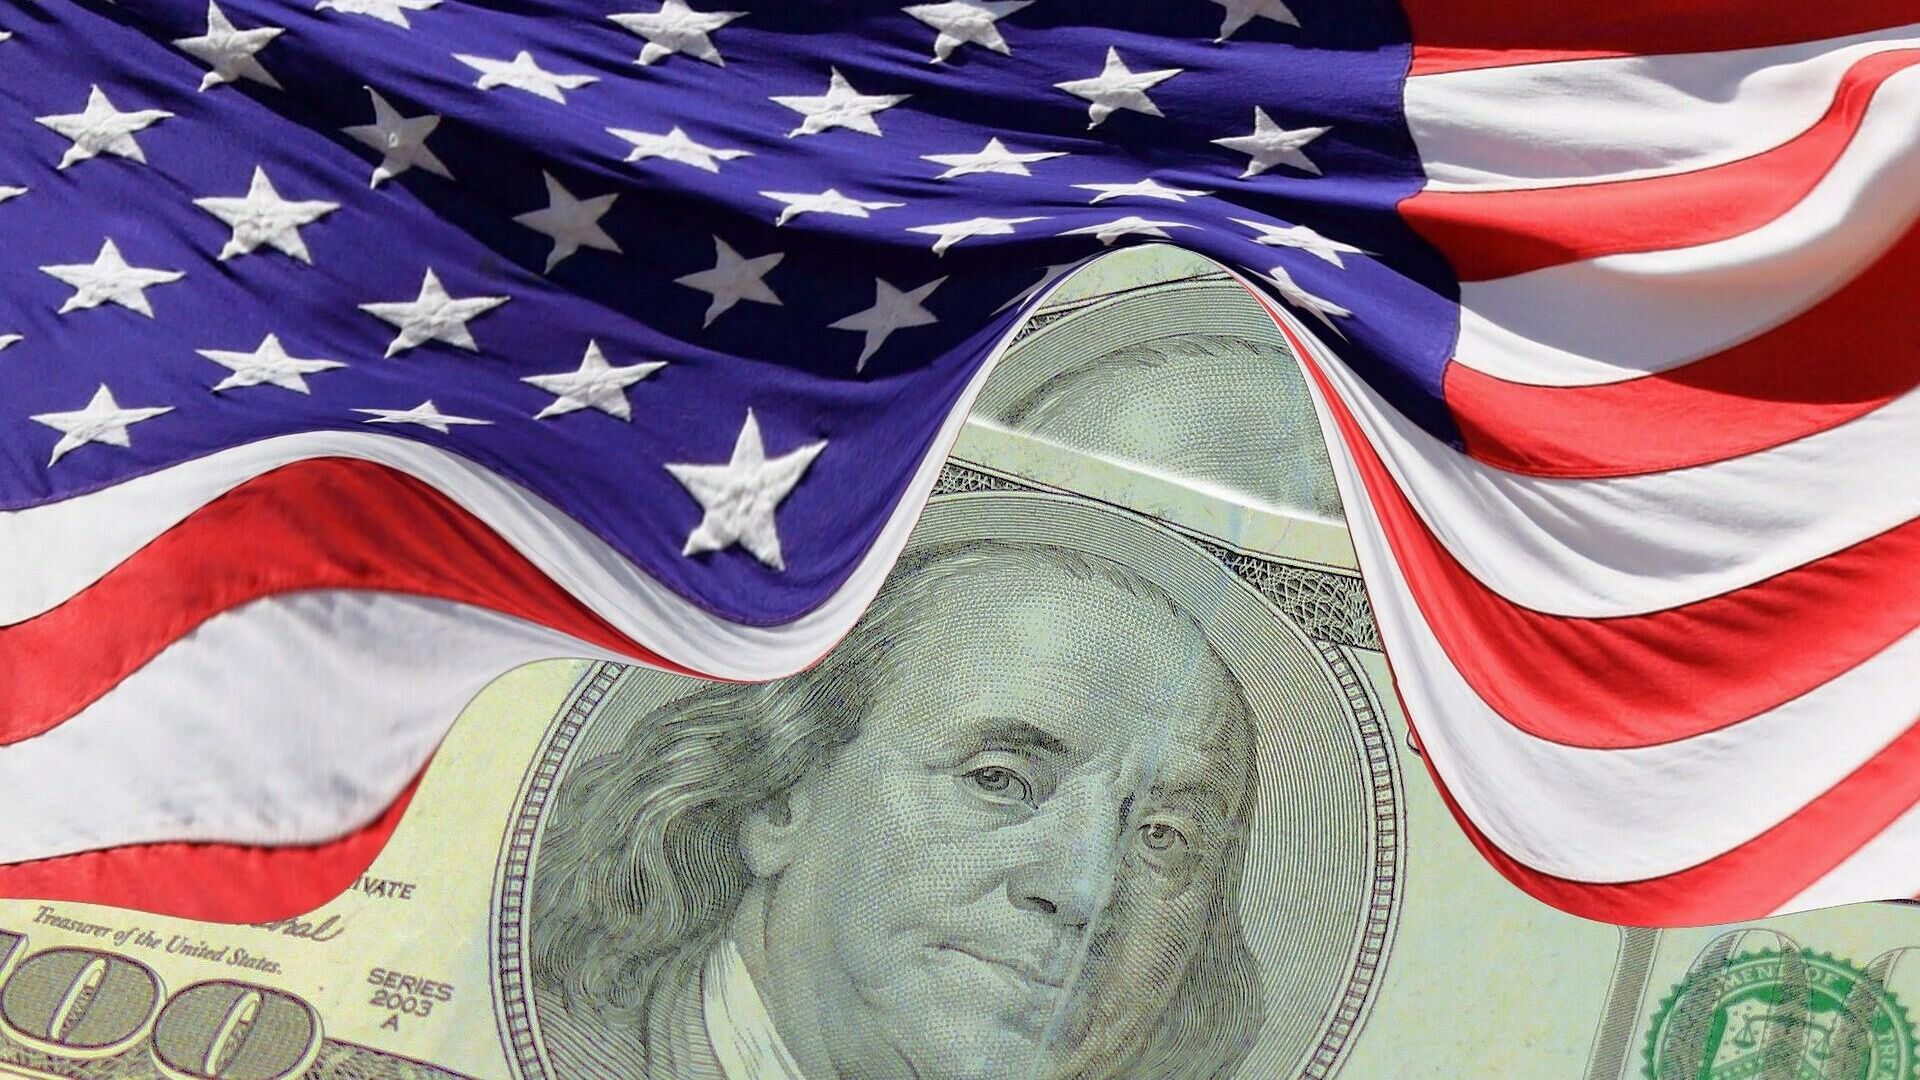 Dolar i američka zastava - Sputnik Srbija, 1920, 04.09.2021